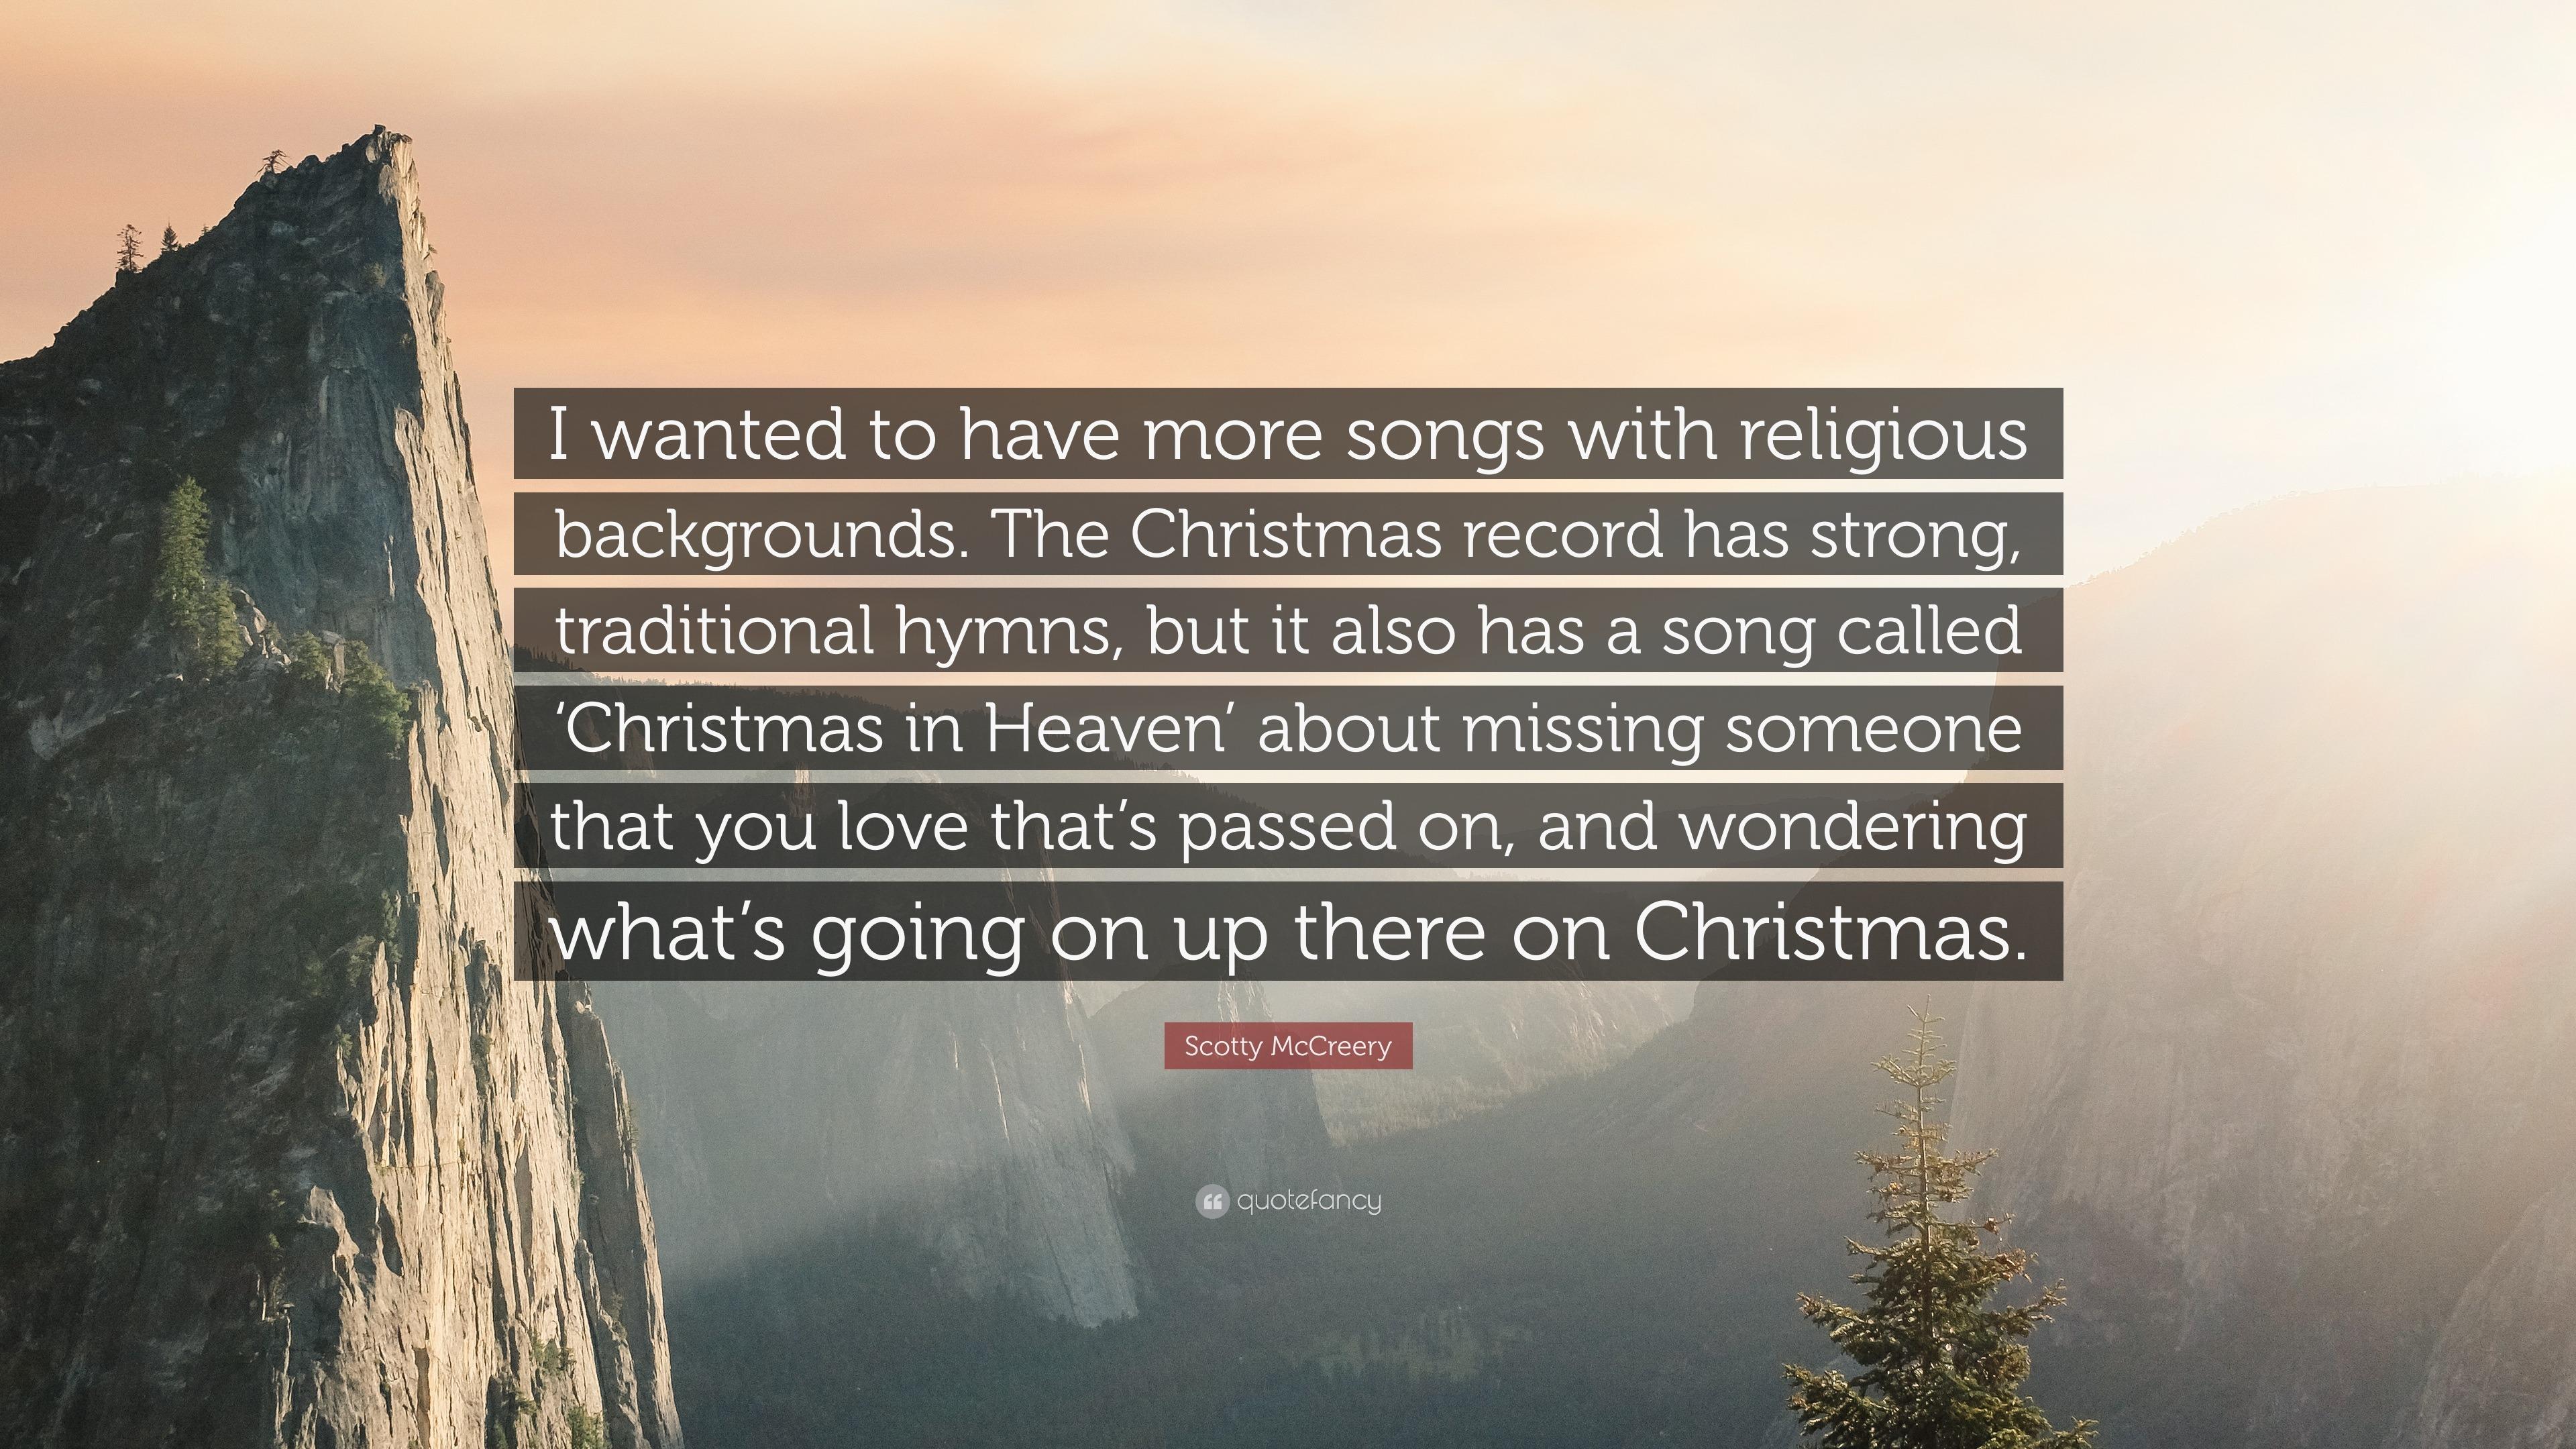 天国の誰かを逃すことについての歌